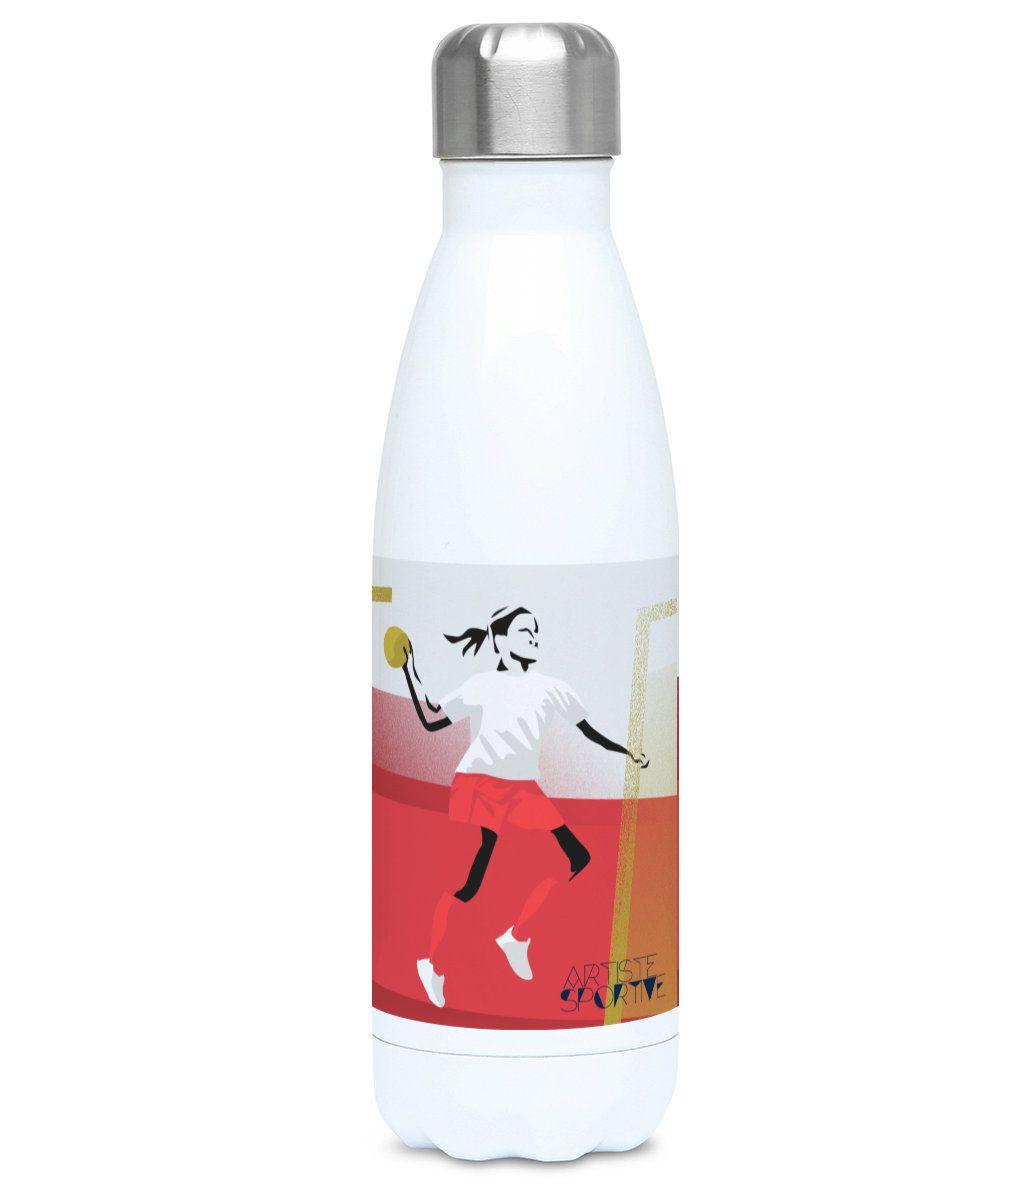 Woman handball water bottle gift to personalise for a girl handball player or handball coach for handball Christmas gift or birthday gift